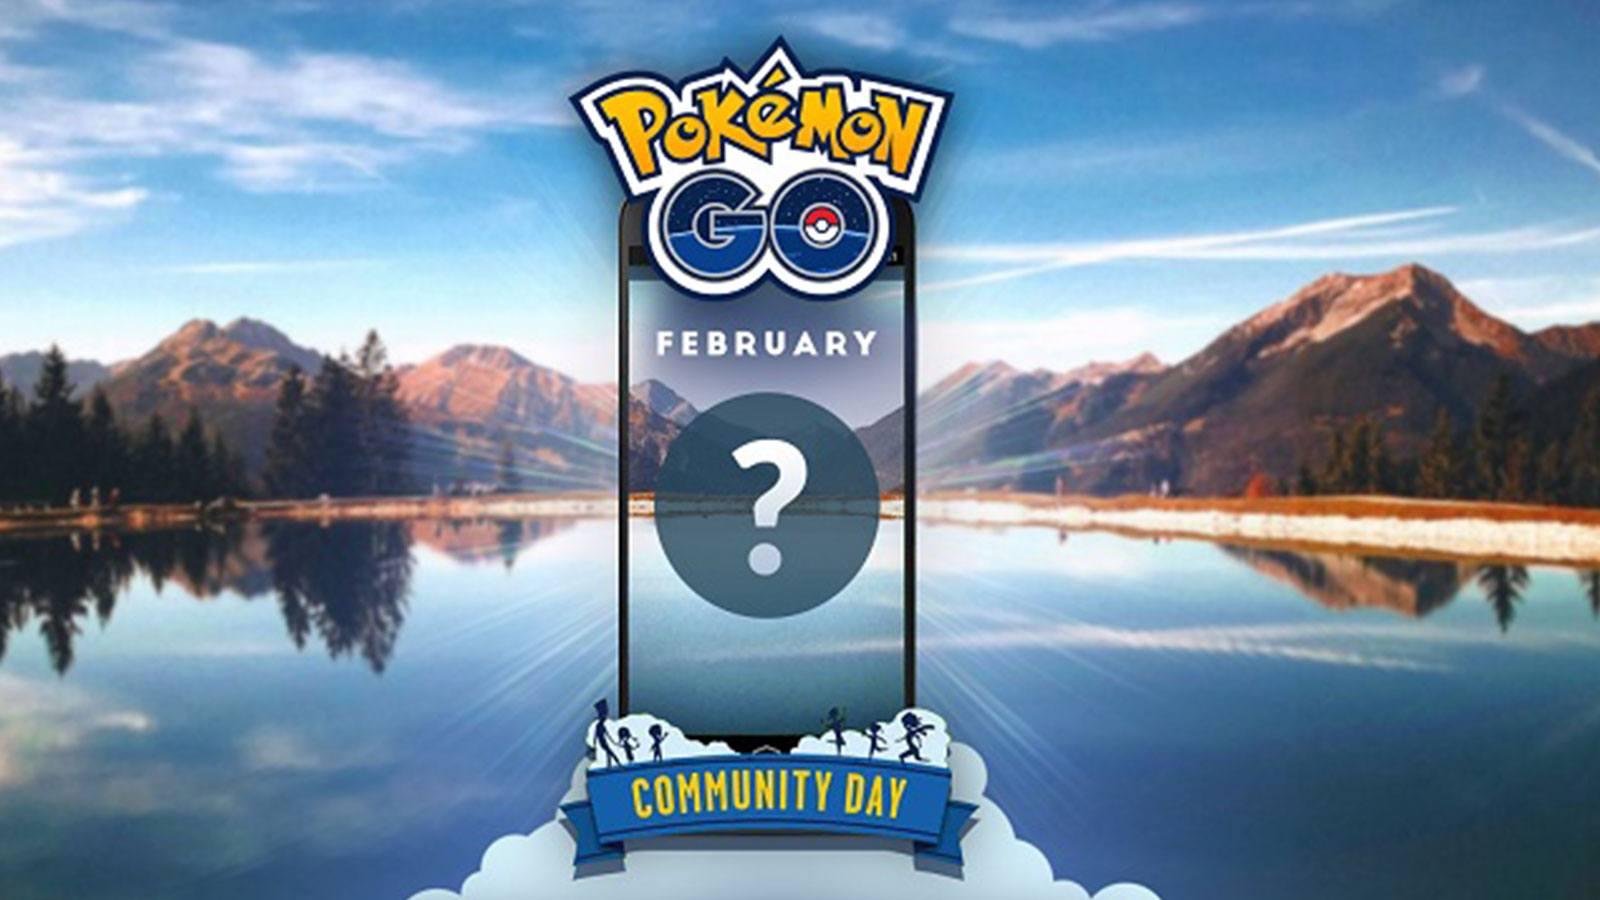 journée de la communauté Pokémon Go février